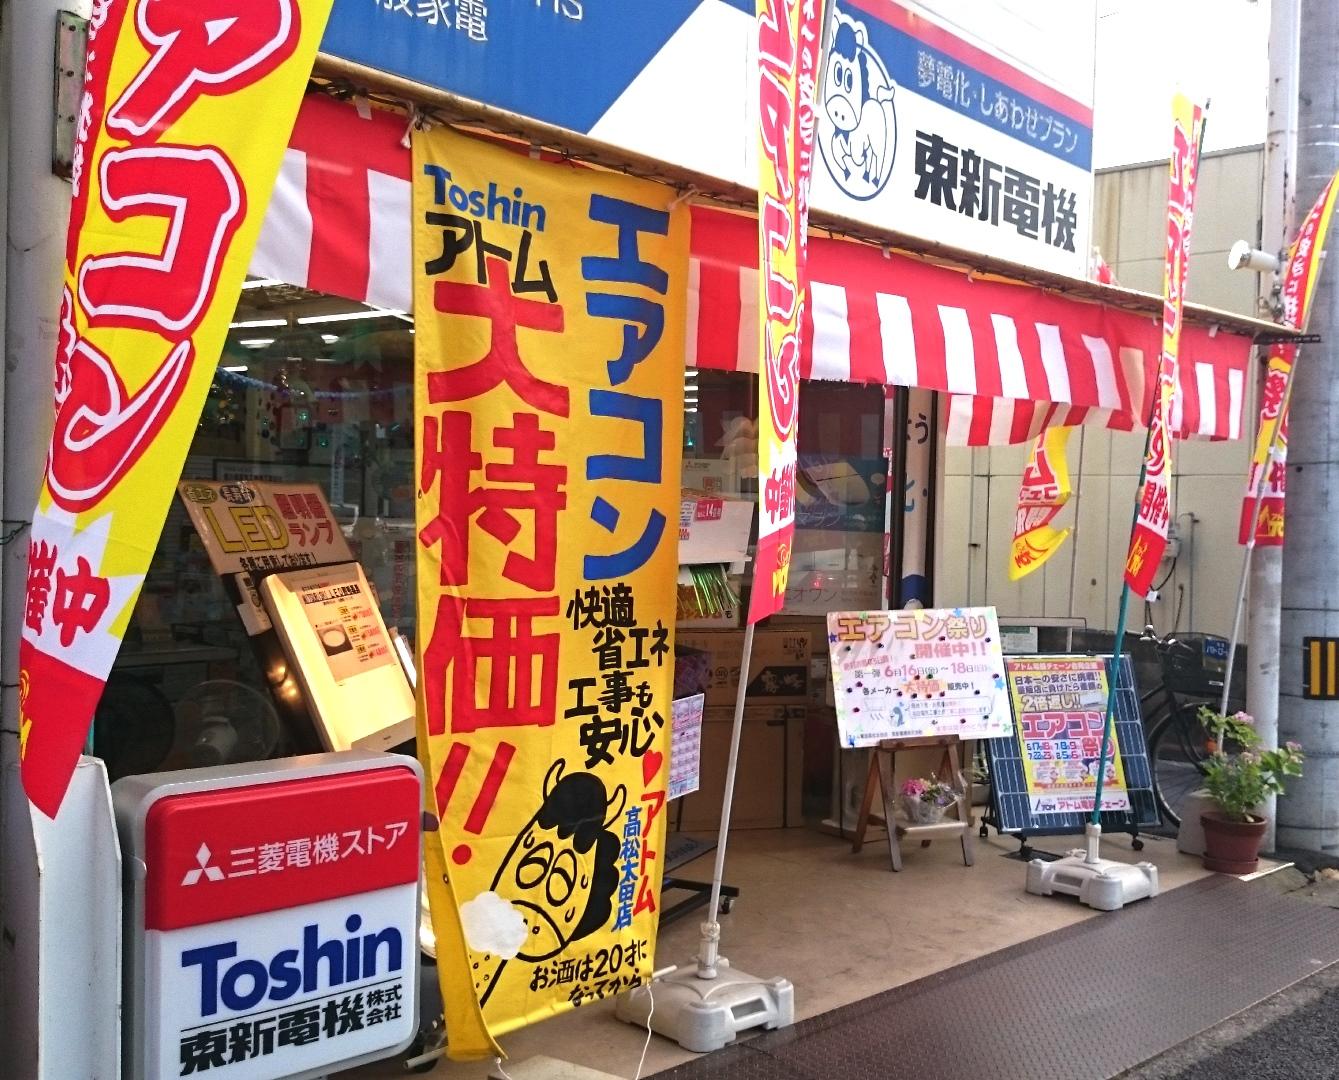 http://www.toshin-e.com/news/images/201706AC_2.JPG